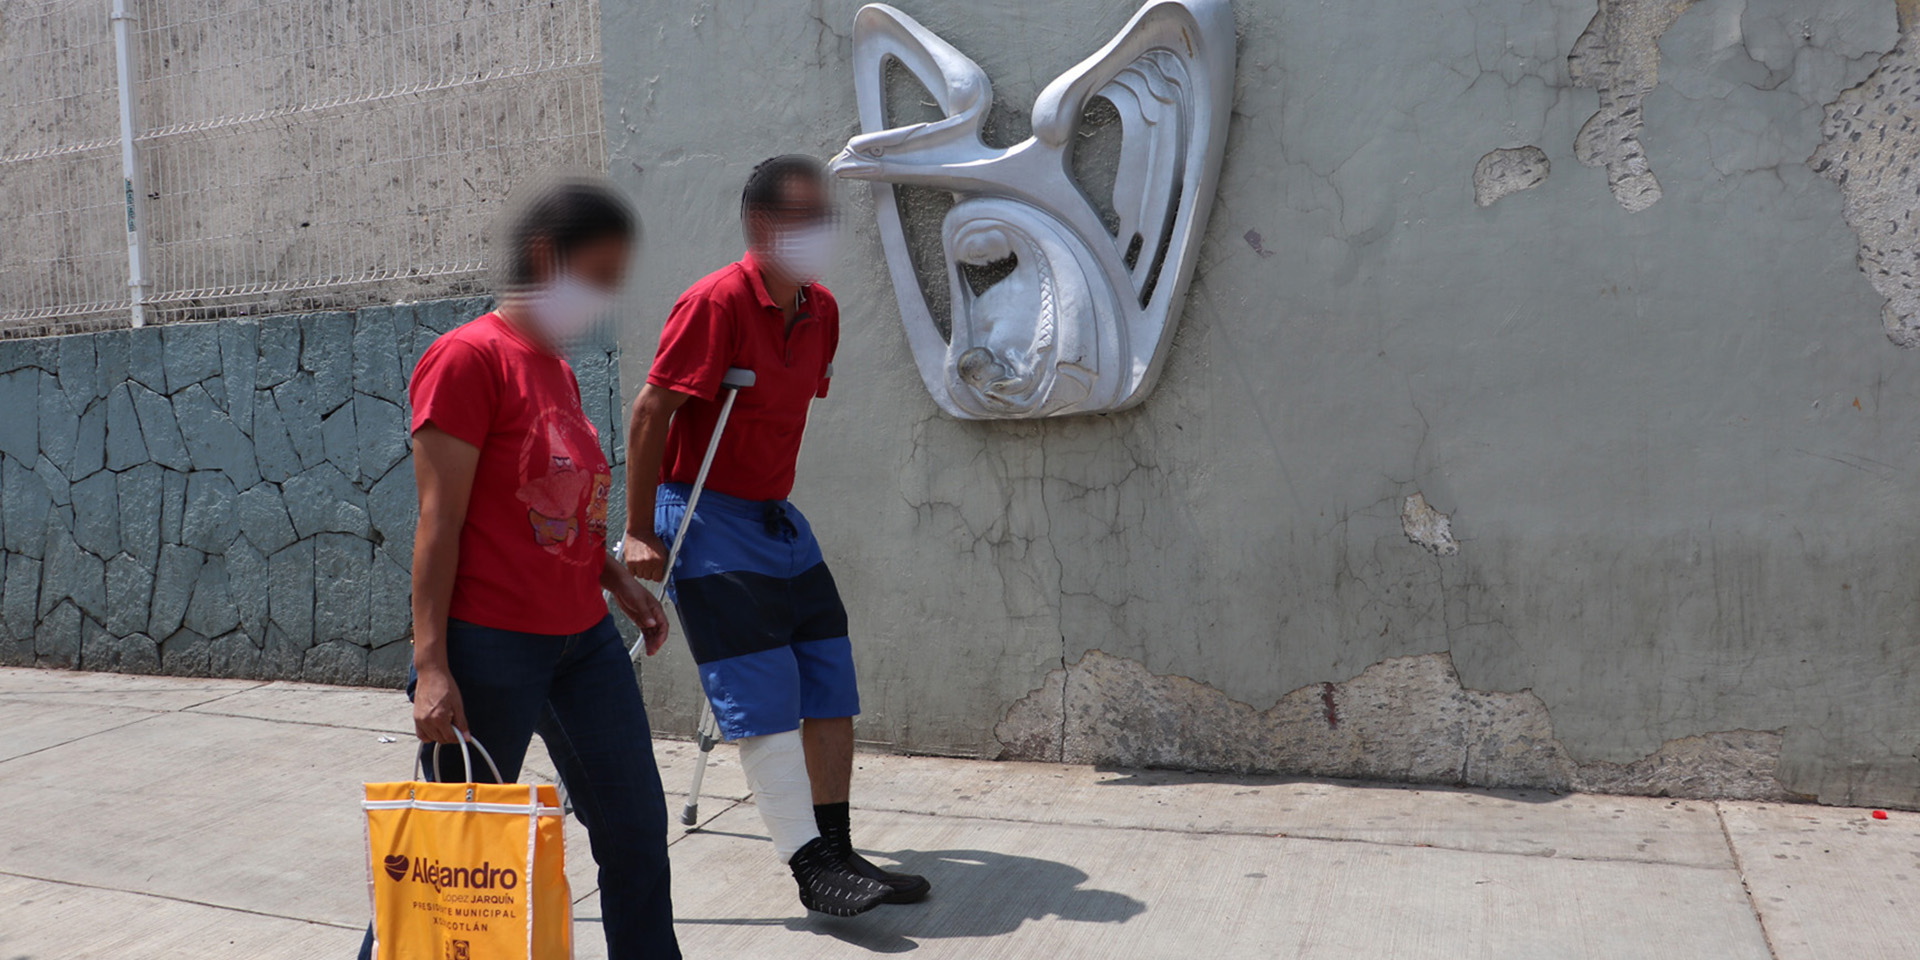 Suben a 902 los casos de Covid-19 en Oaxaca; hay 94 fallecidos | El Imparcial de Oaxaca